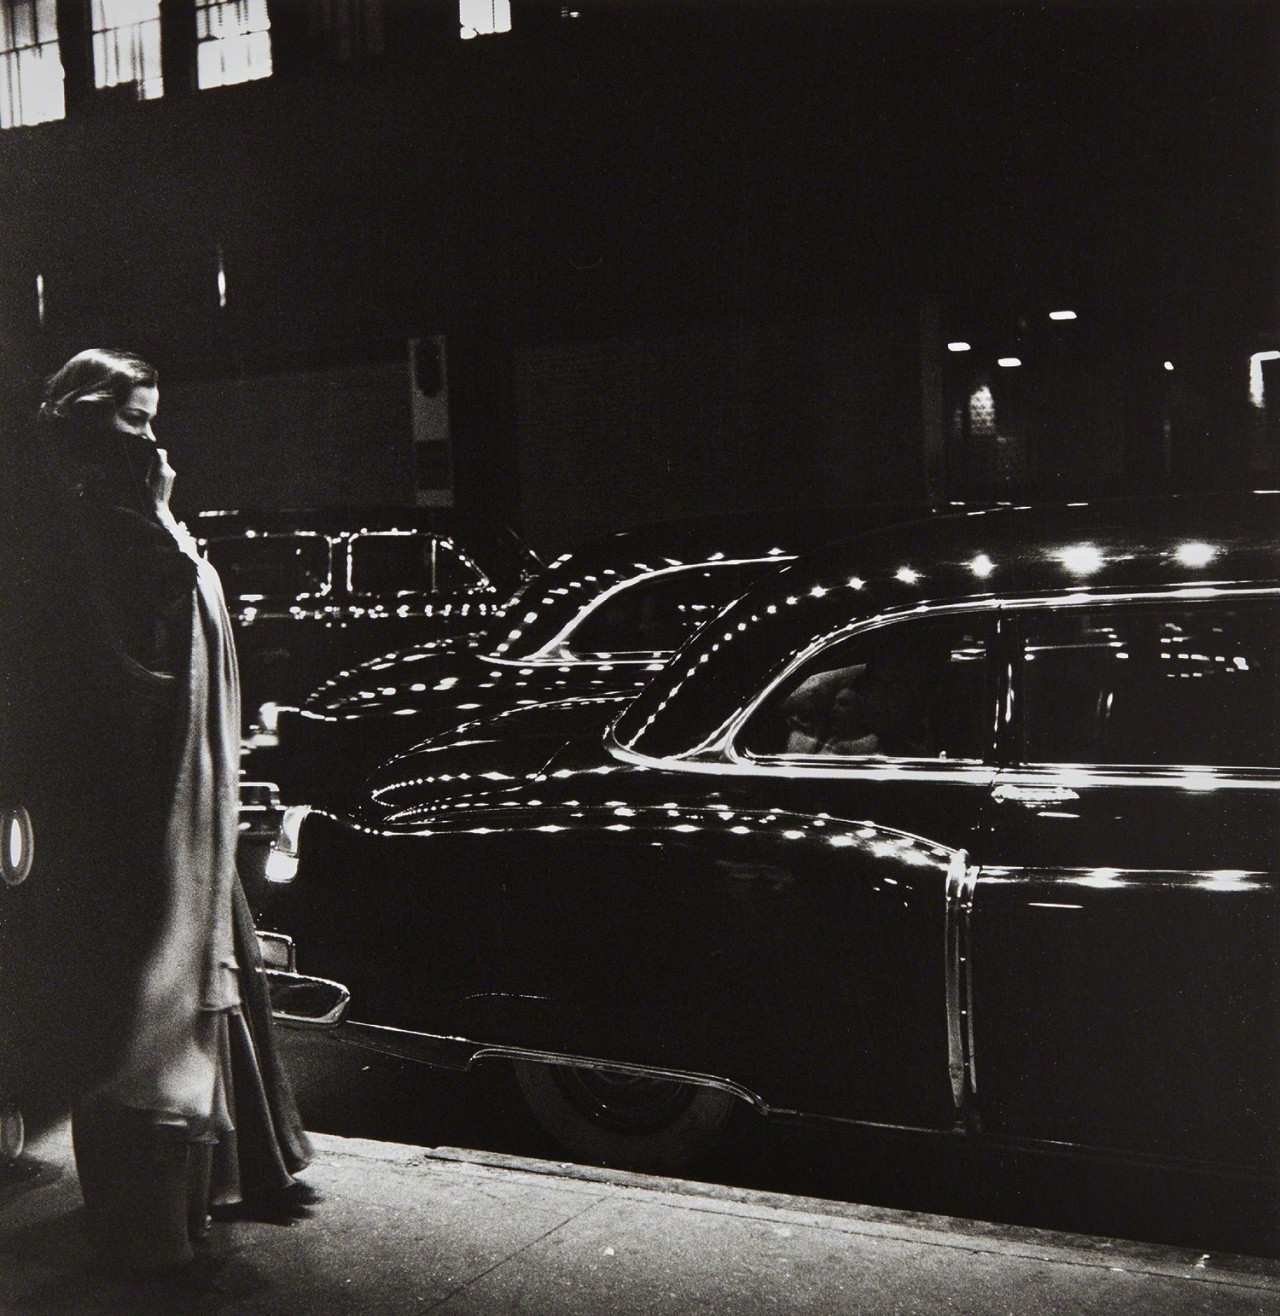 Метрополитен-опера, Нью-Йорк, 1950. Фотограф Ева Арнольд